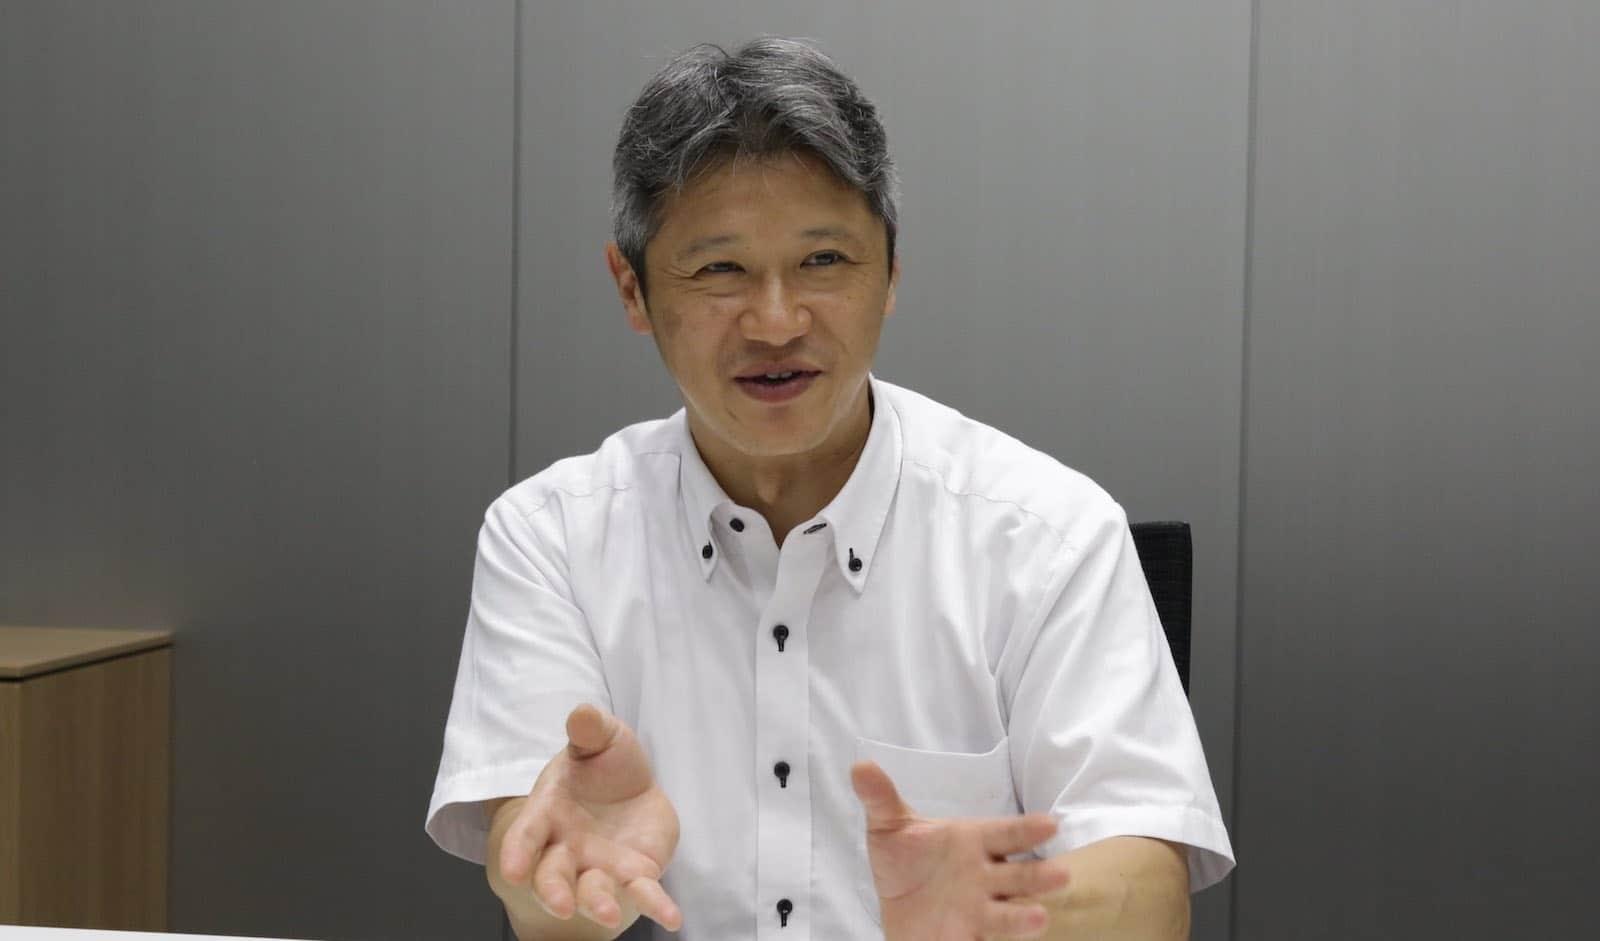 株式会社東芝 技術企画部 サイバーセキュリティセンター 参事 岡田 光司氏